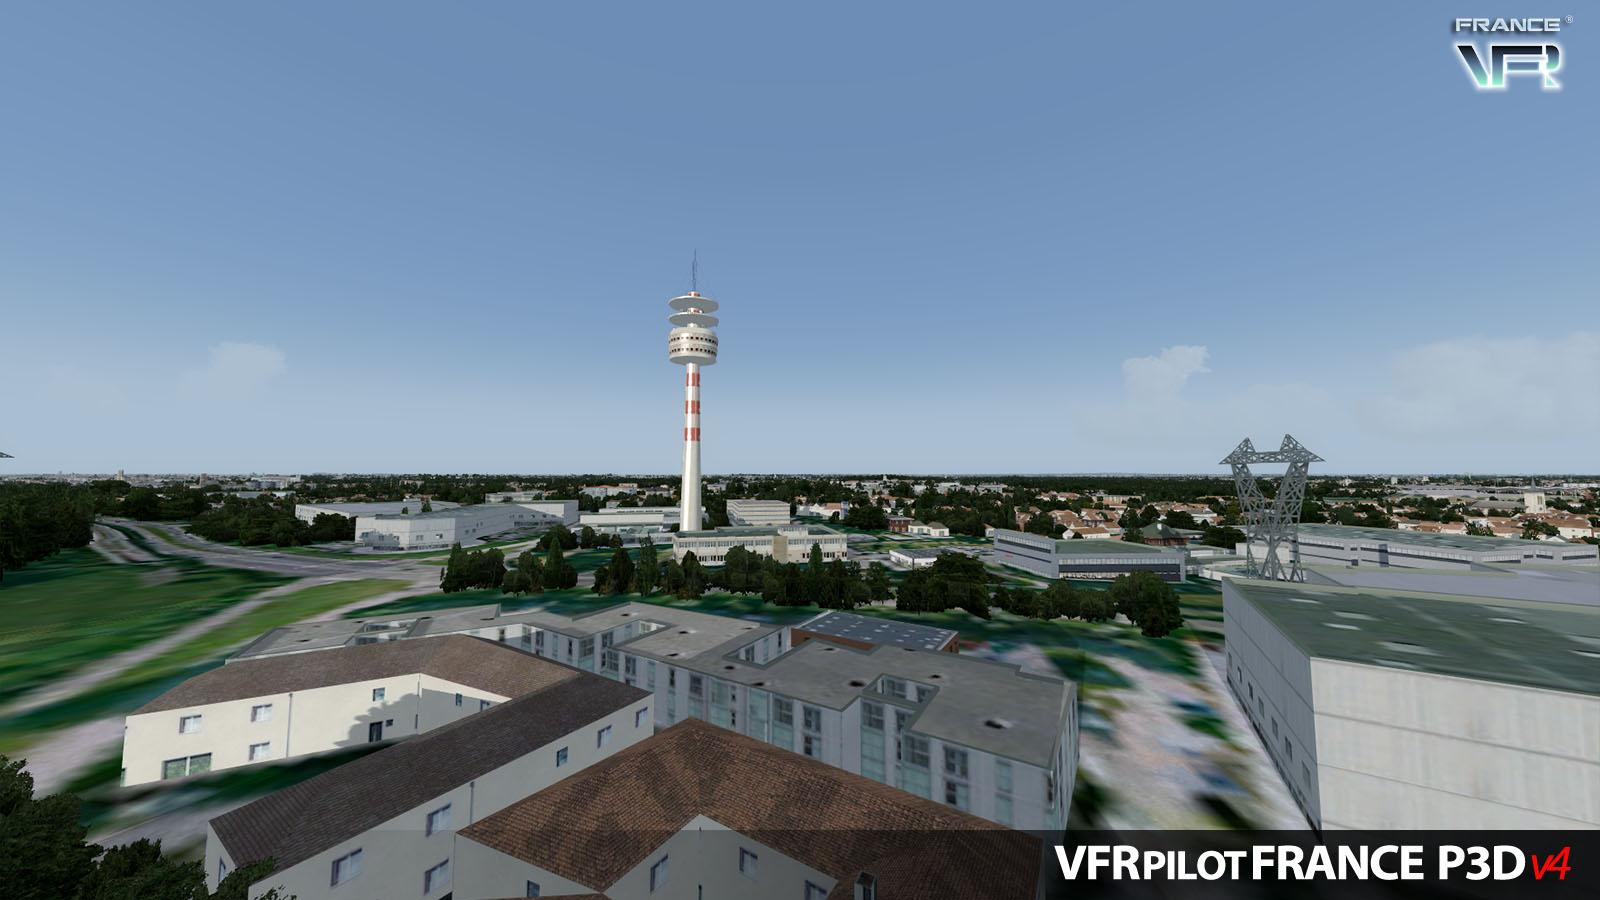 VFRFRAP3D_19.jpg